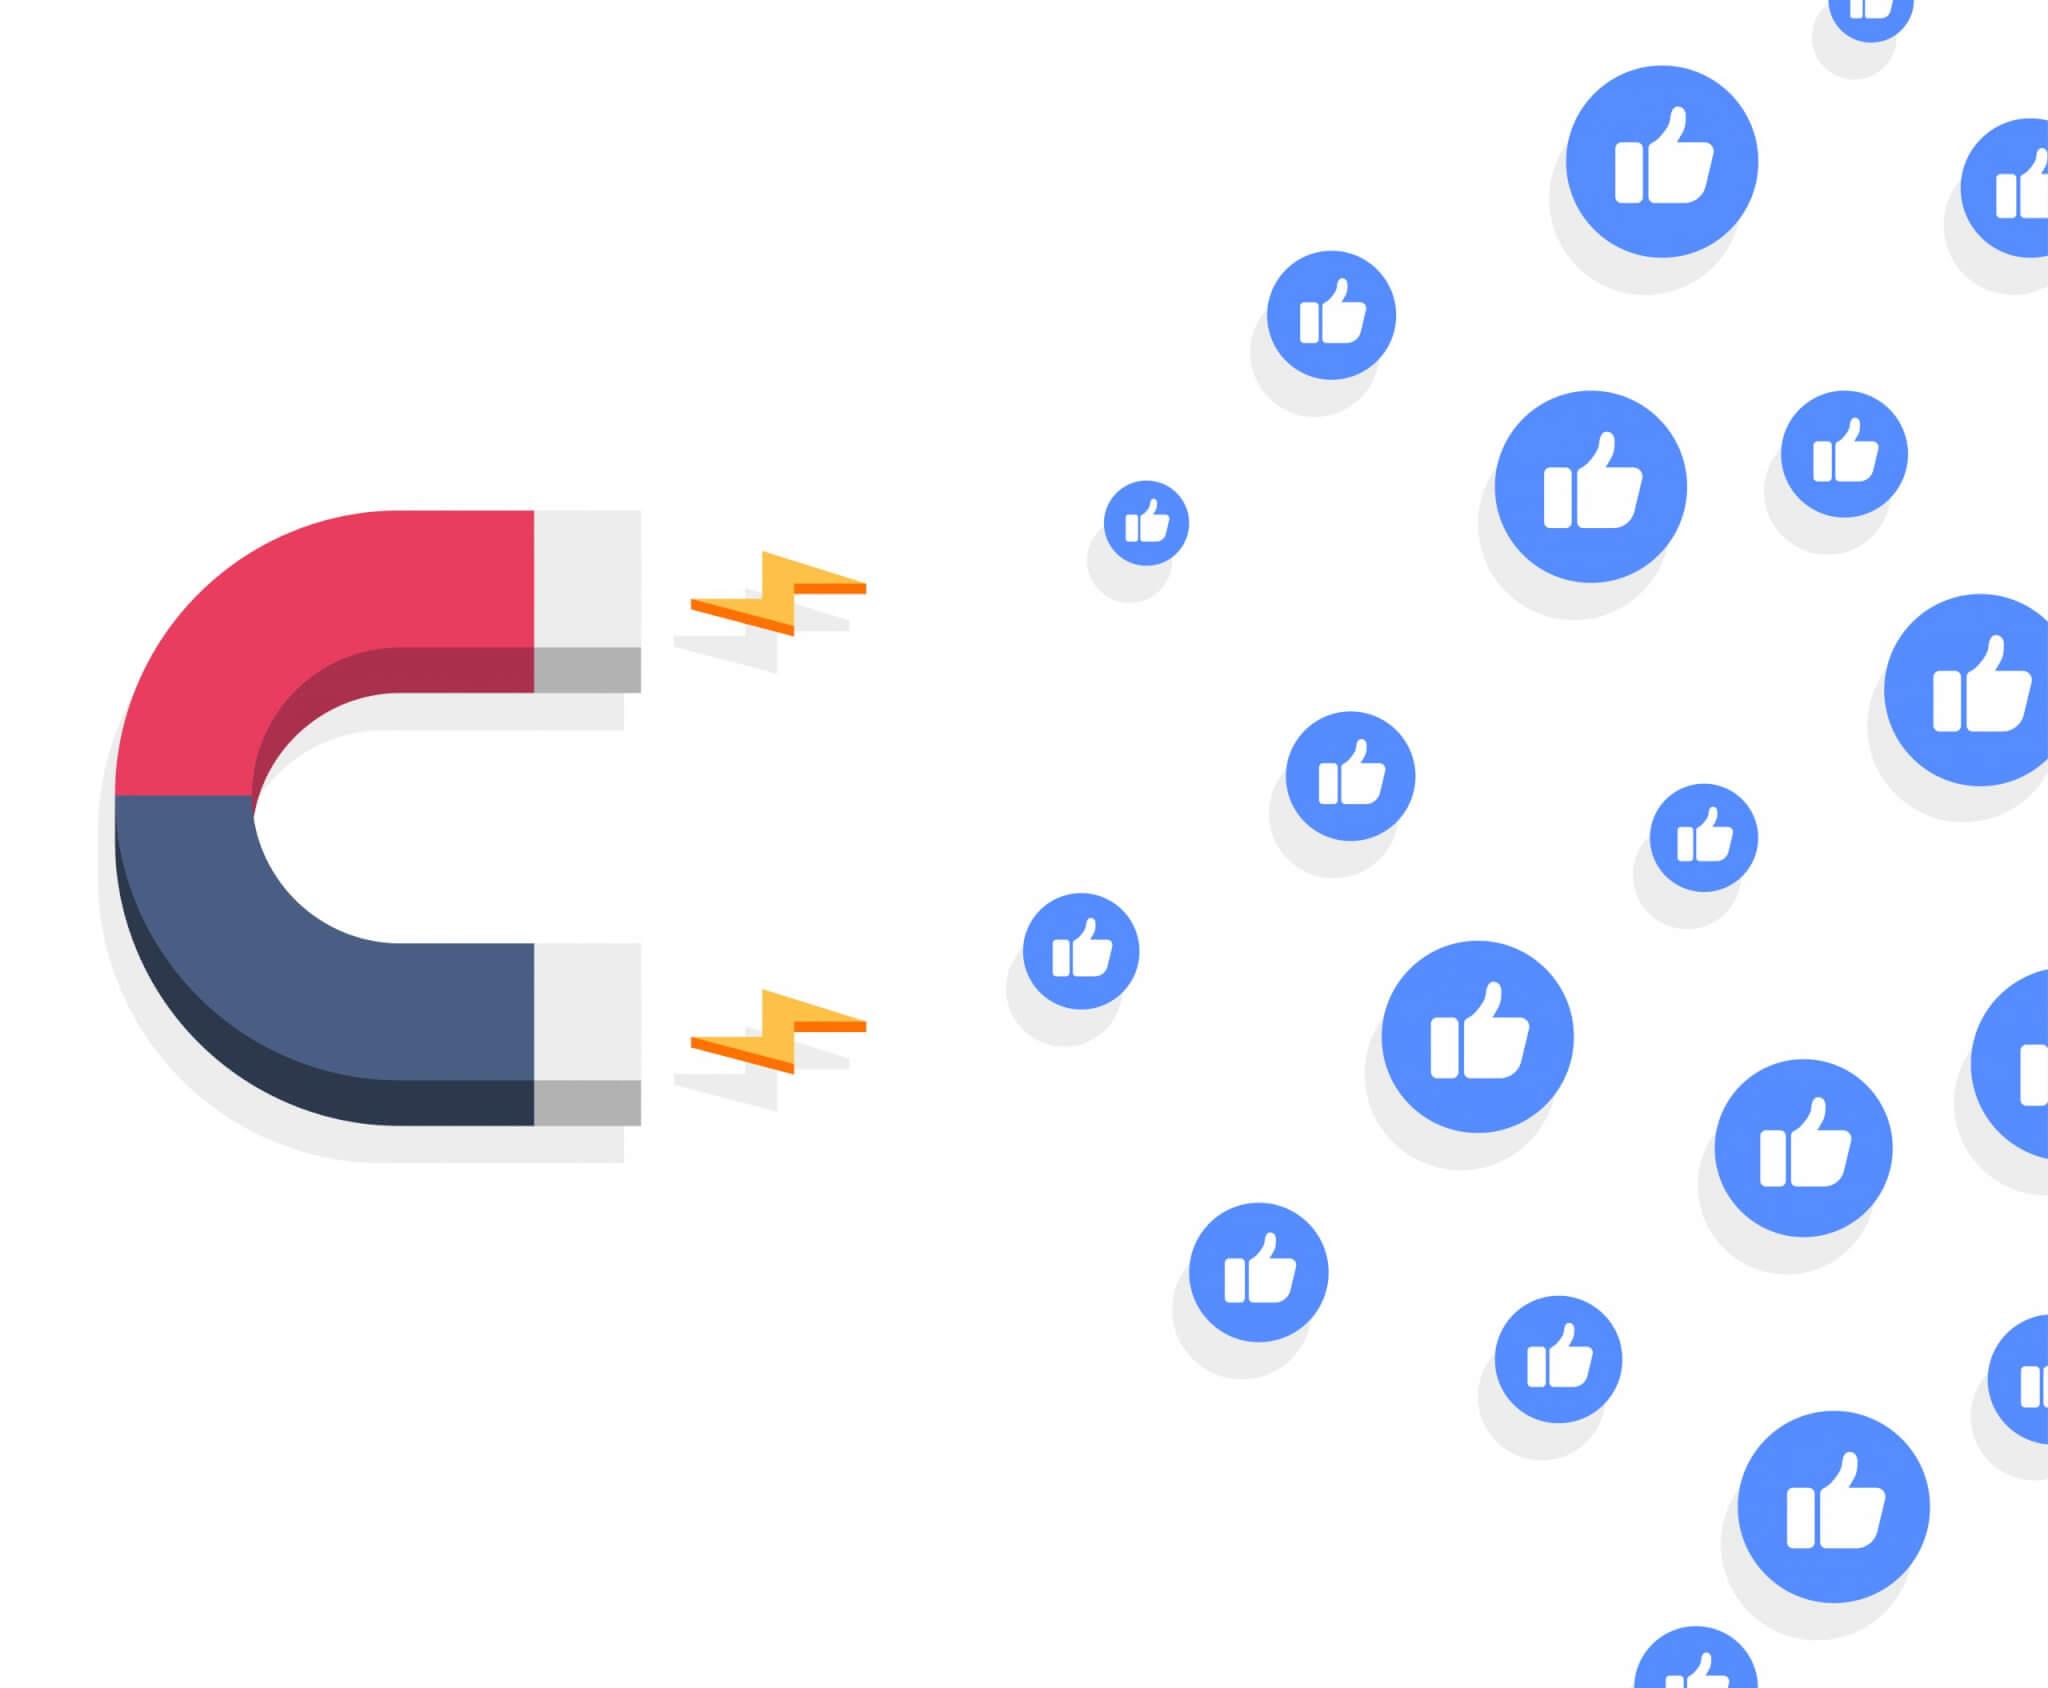 Ttt là gì mà hay được dùng comment dạo trên Facebook?